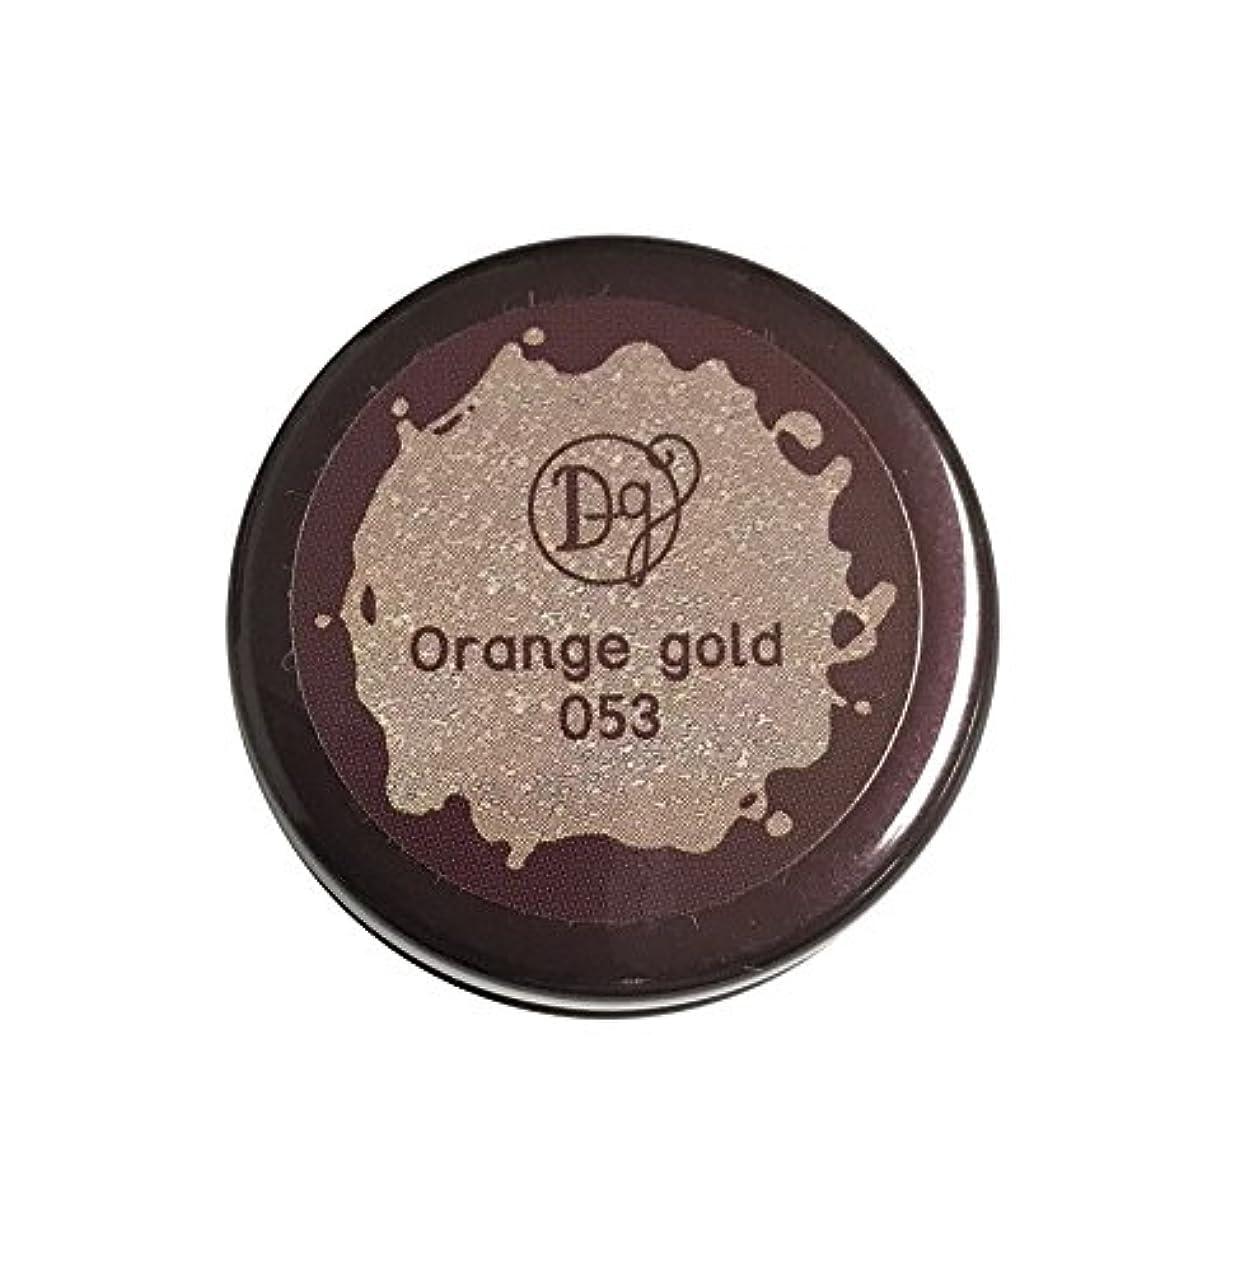 固有の瞑想的区別するDECORA GIRL カラージェル #053 オレンジゴールド